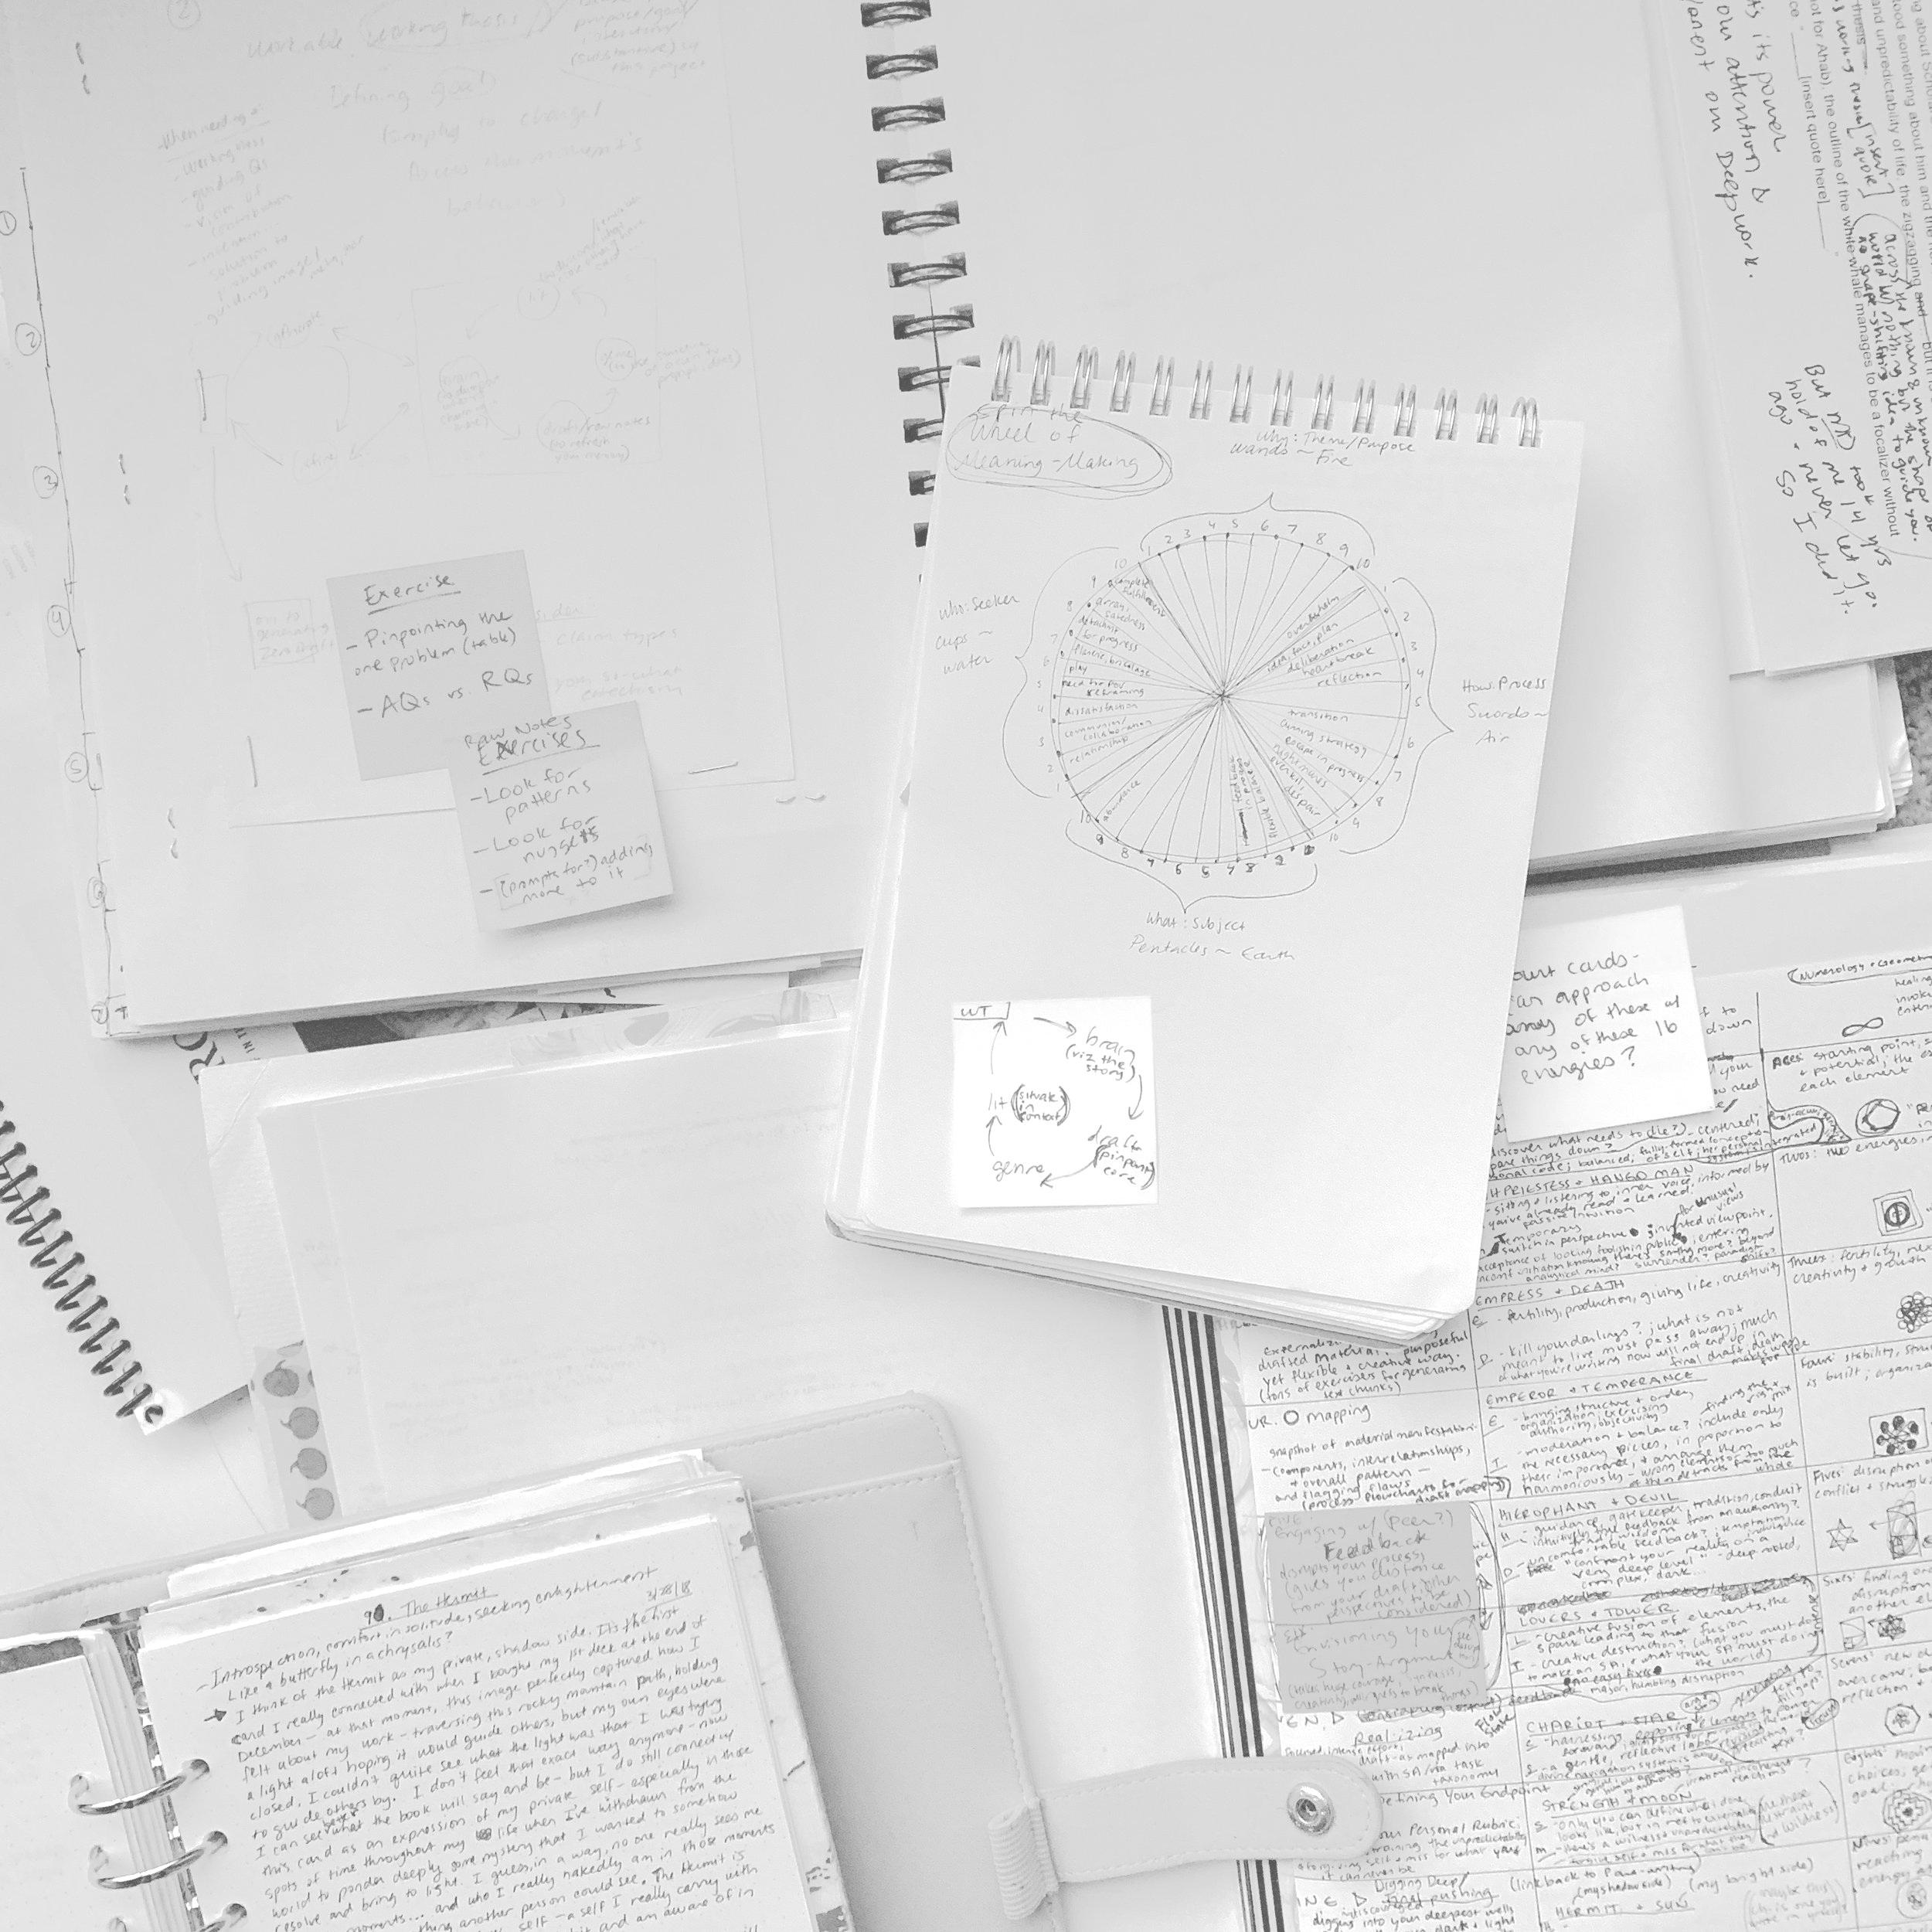 scholarshape margy thomas knowledge-building